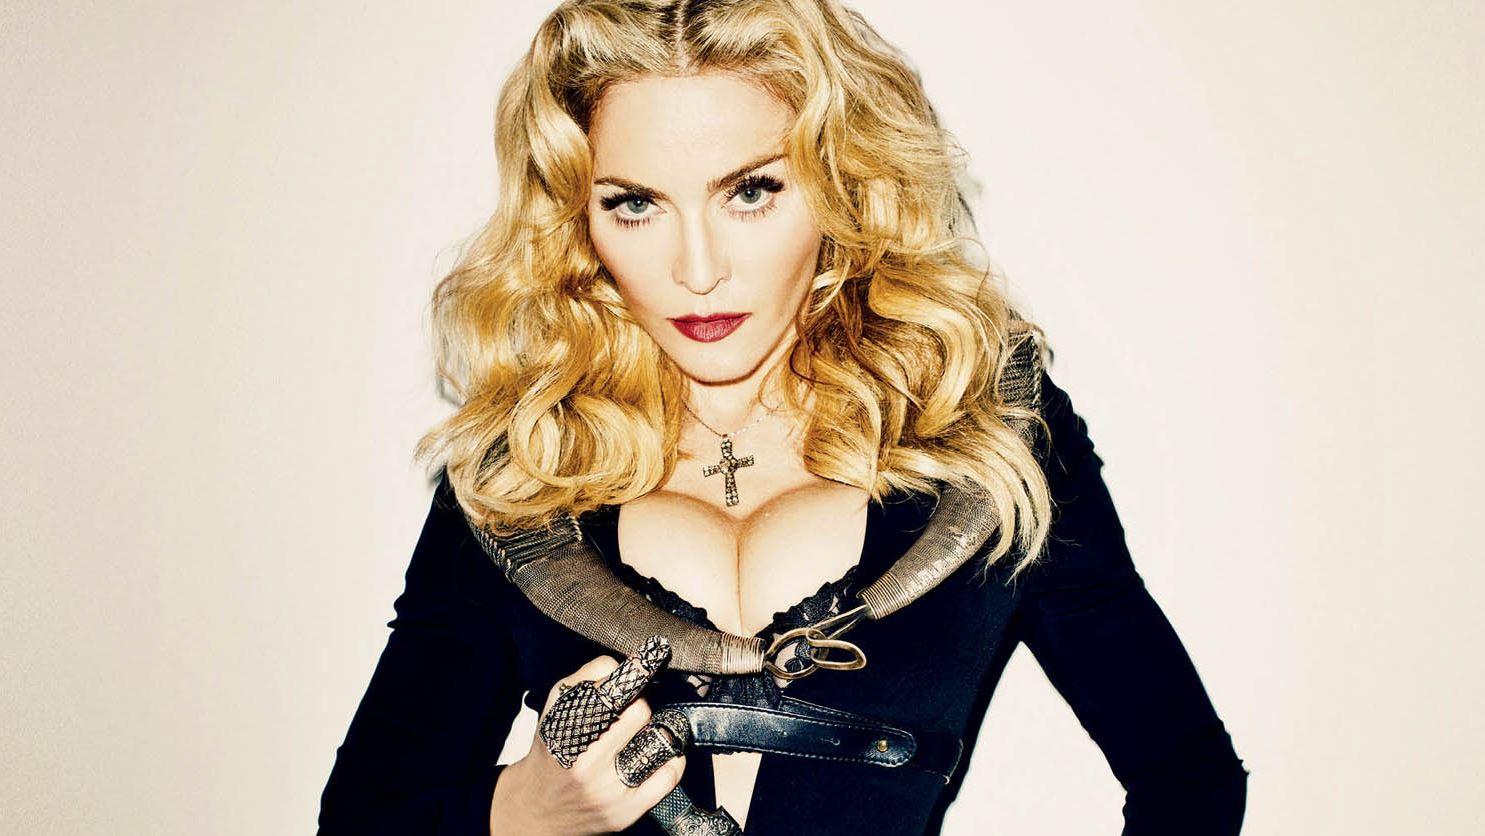 Madonna 'Eğer Trump Kazanırsa Hepimiz S.çarız!'